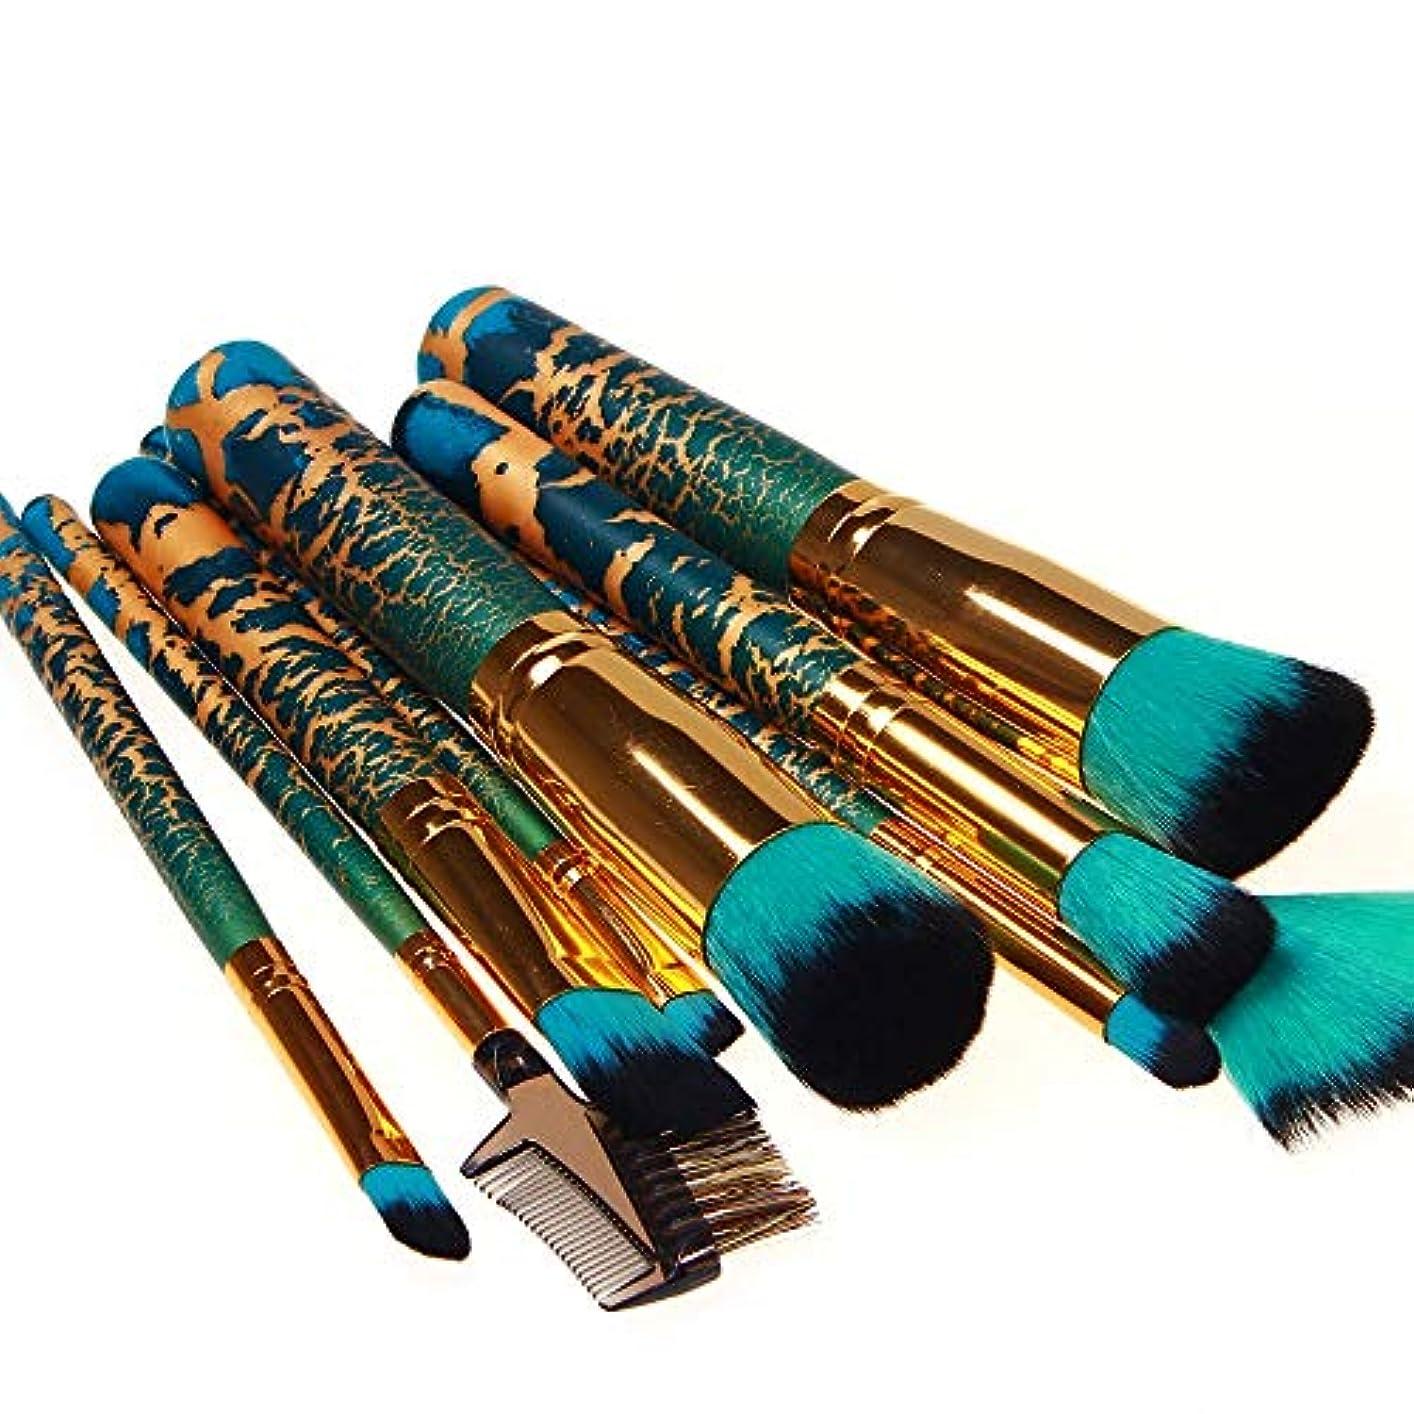 失業者プラスチック玉Makeup brushes 木の化粧ブラシ10のナイロン毛のスナップ塗装プロセスが付いている化粧ブラシセット suits (Color : Green)